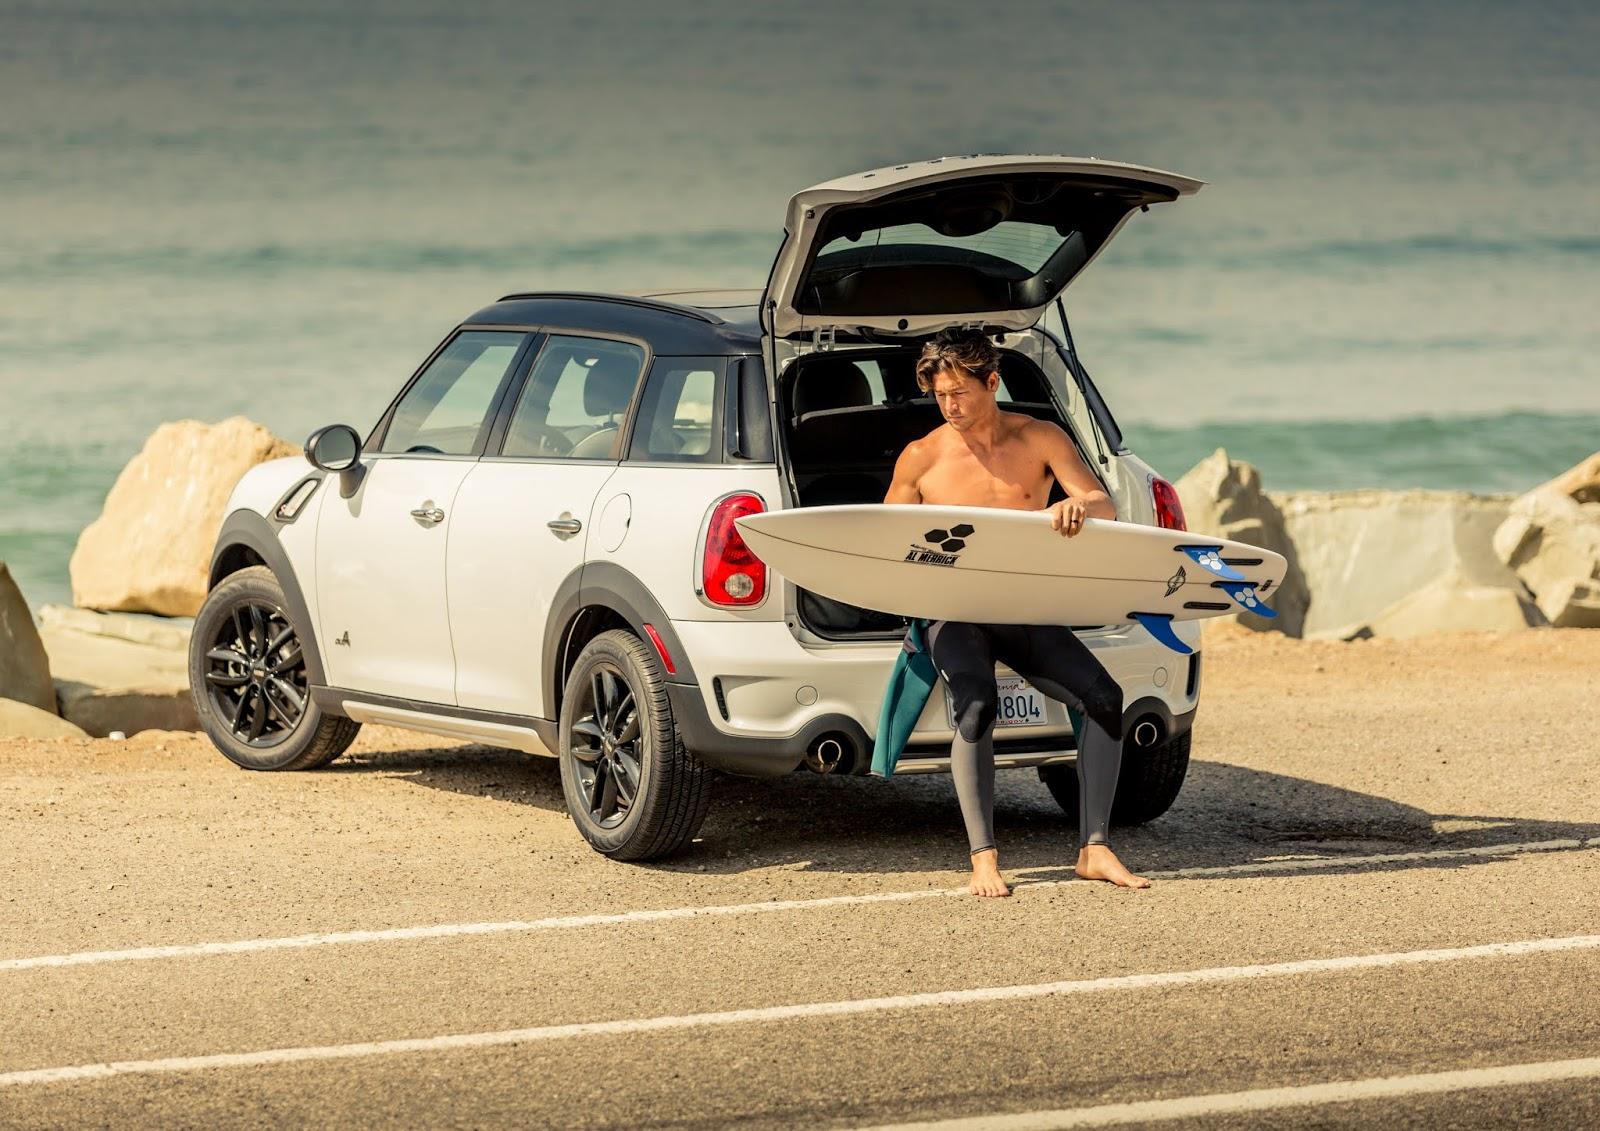 surf mini tallerator